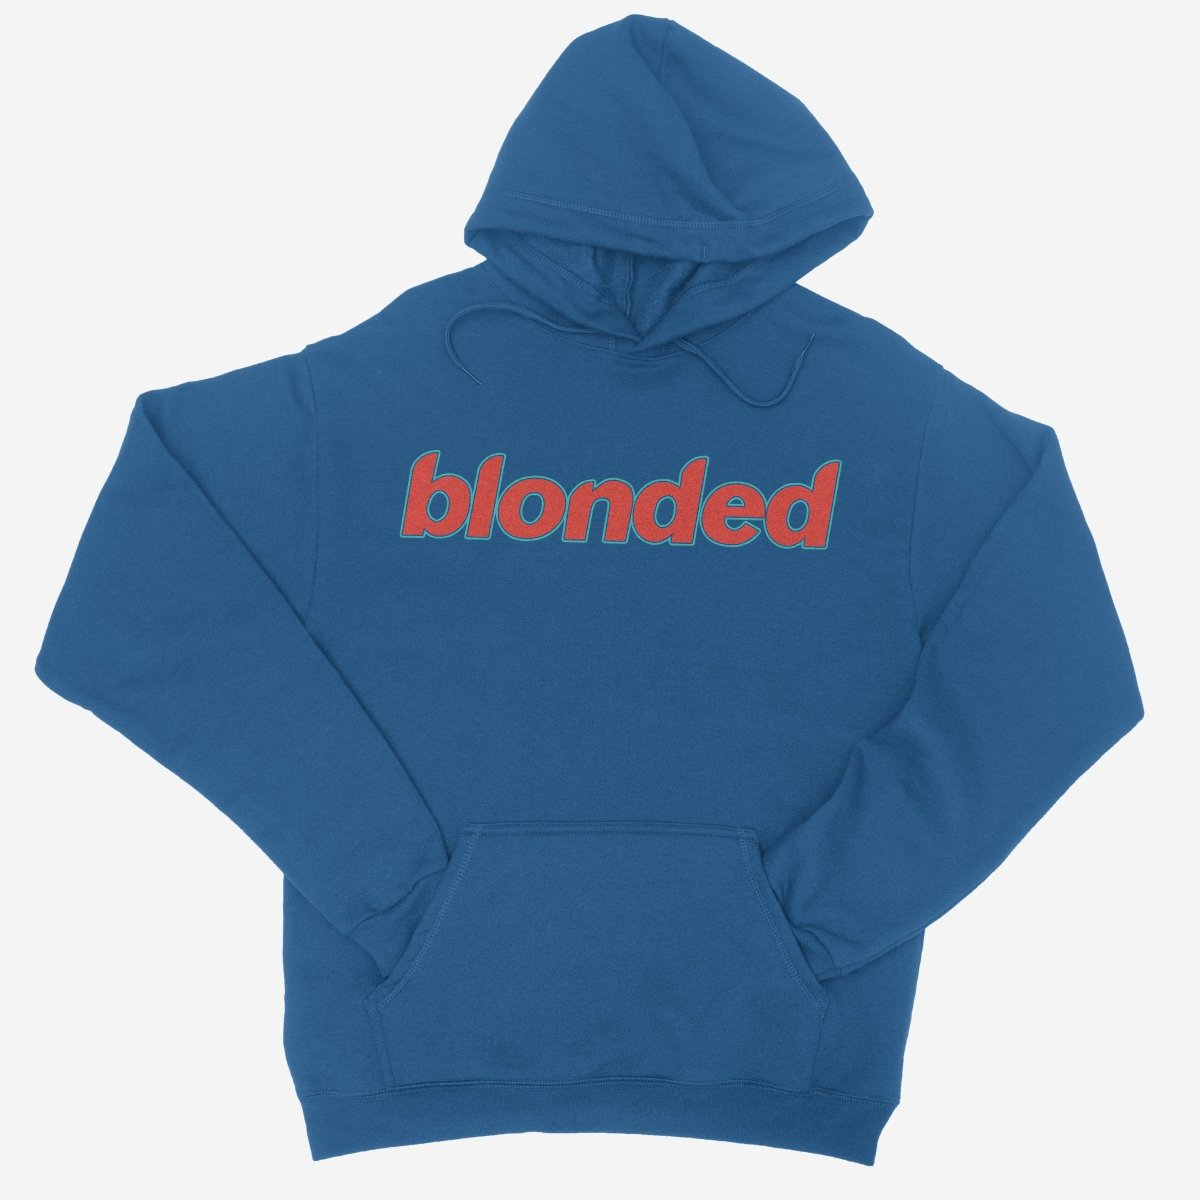 Frank Ocean - Blonded 2.0 Logo Unisex Hoodie